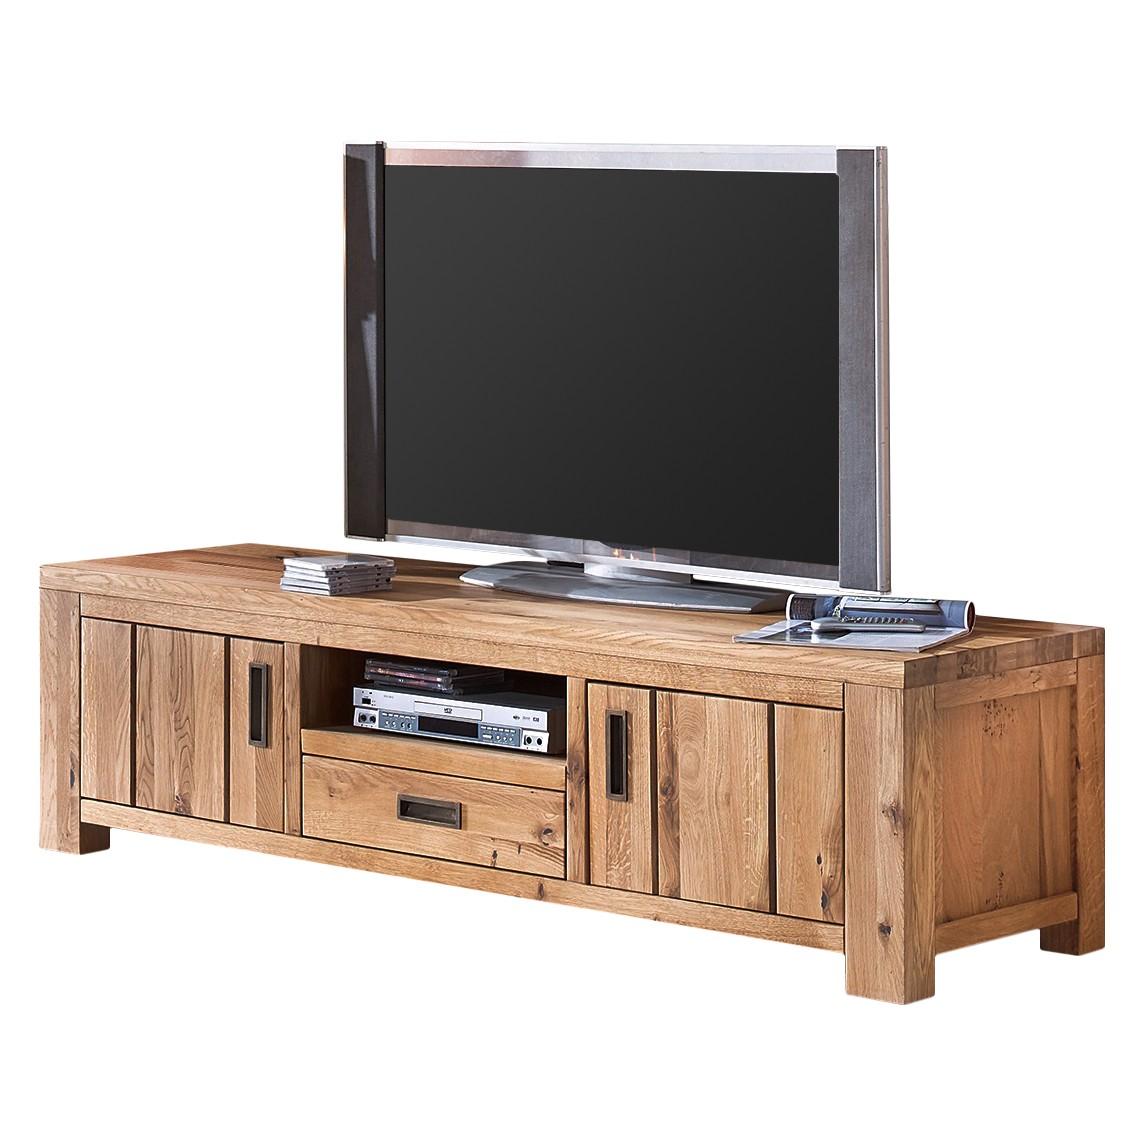 lowboard metall preisvergleiche erfahrungsberichte und kauf bei nextag. Black Bedroom Furniture Sets. Home Design Ideas